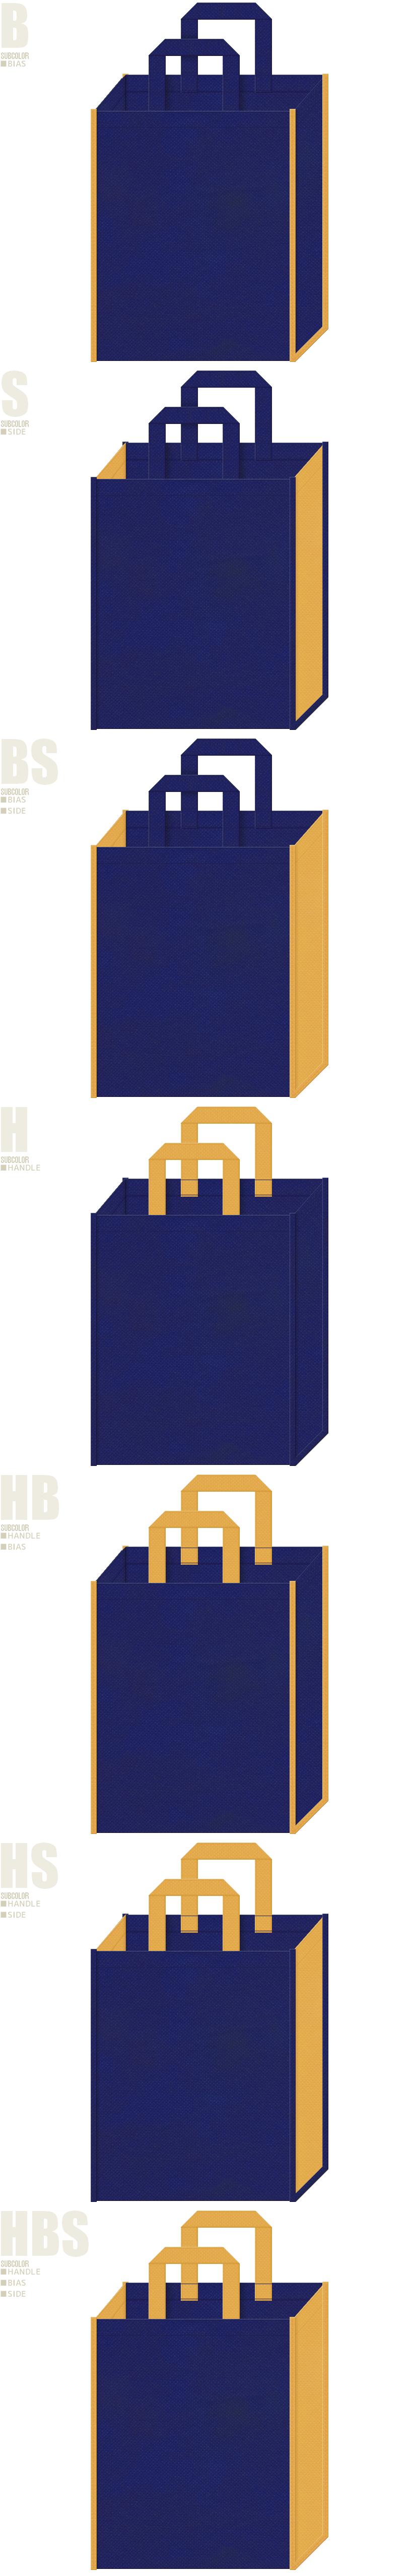 明るい紺色と黄土色の不織布バッグデザイン:配色7パターン